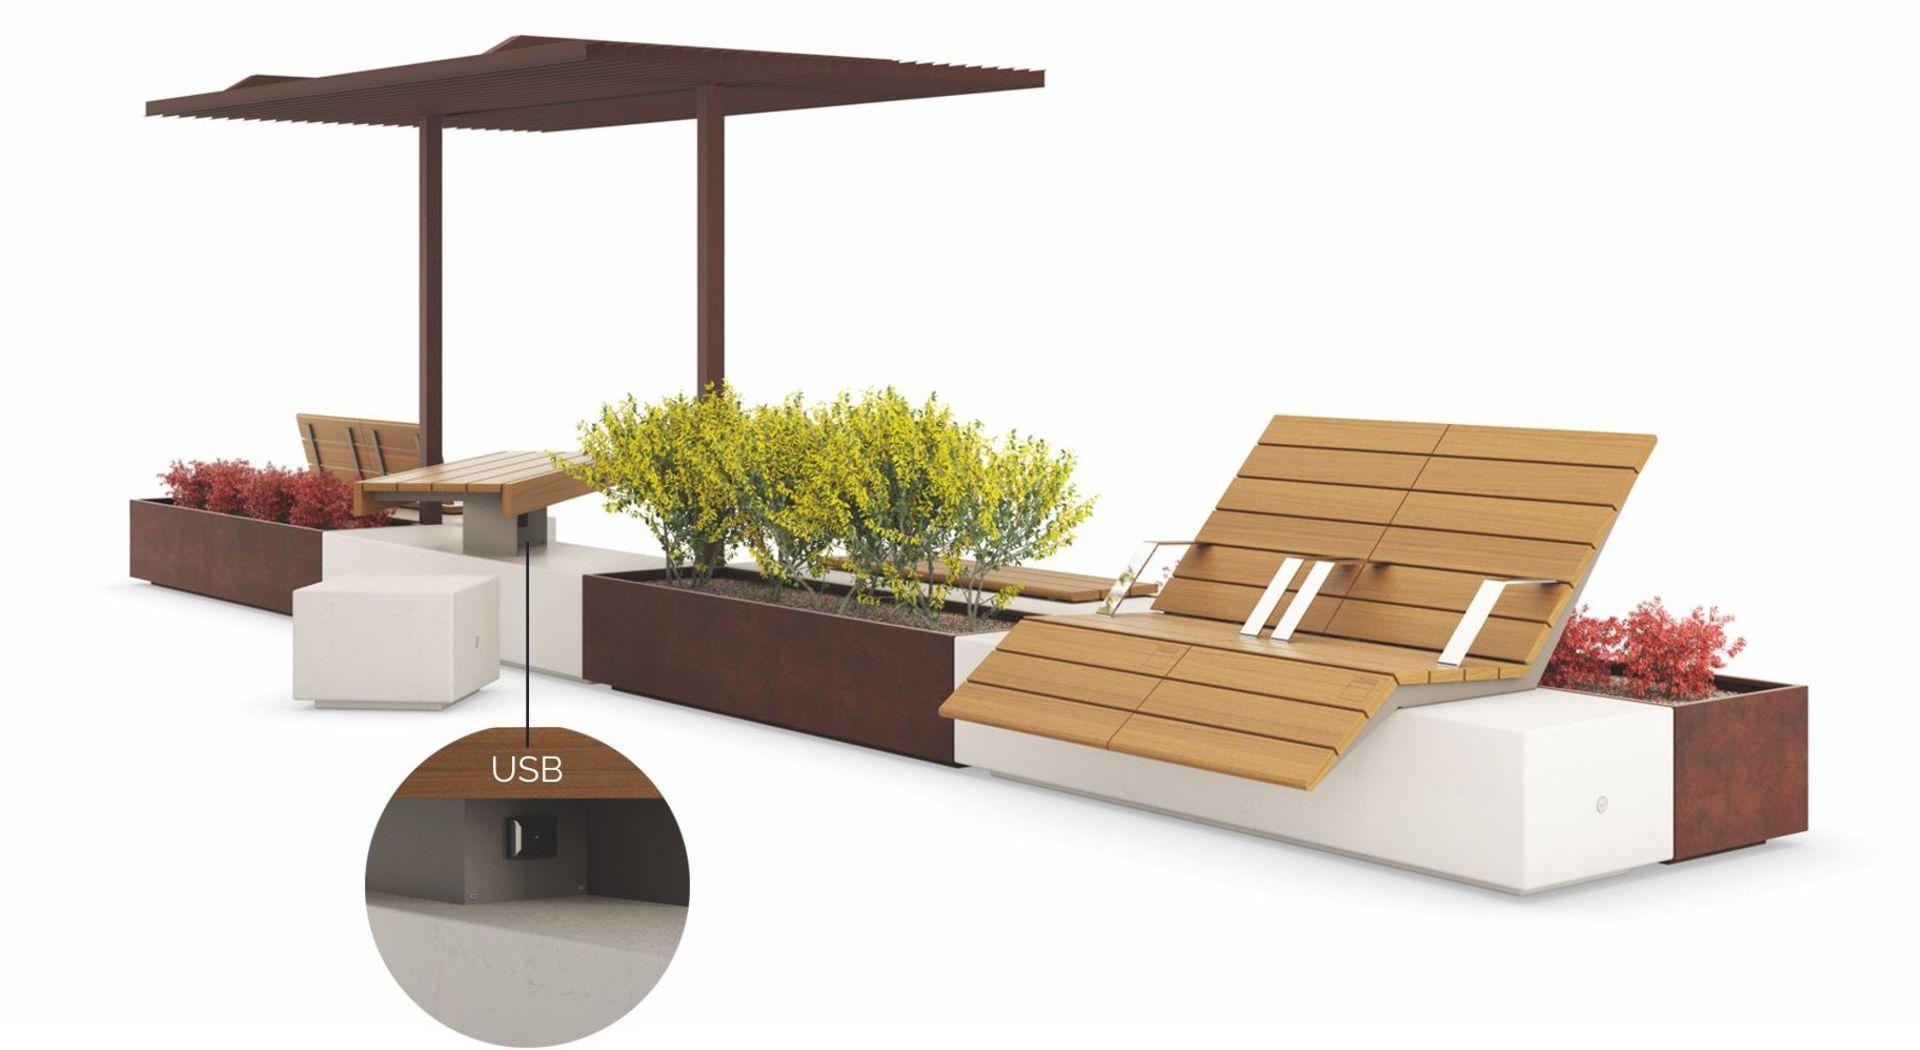 Mobilier urbain table pique nique, banc urbain espaces paysagers METALCO